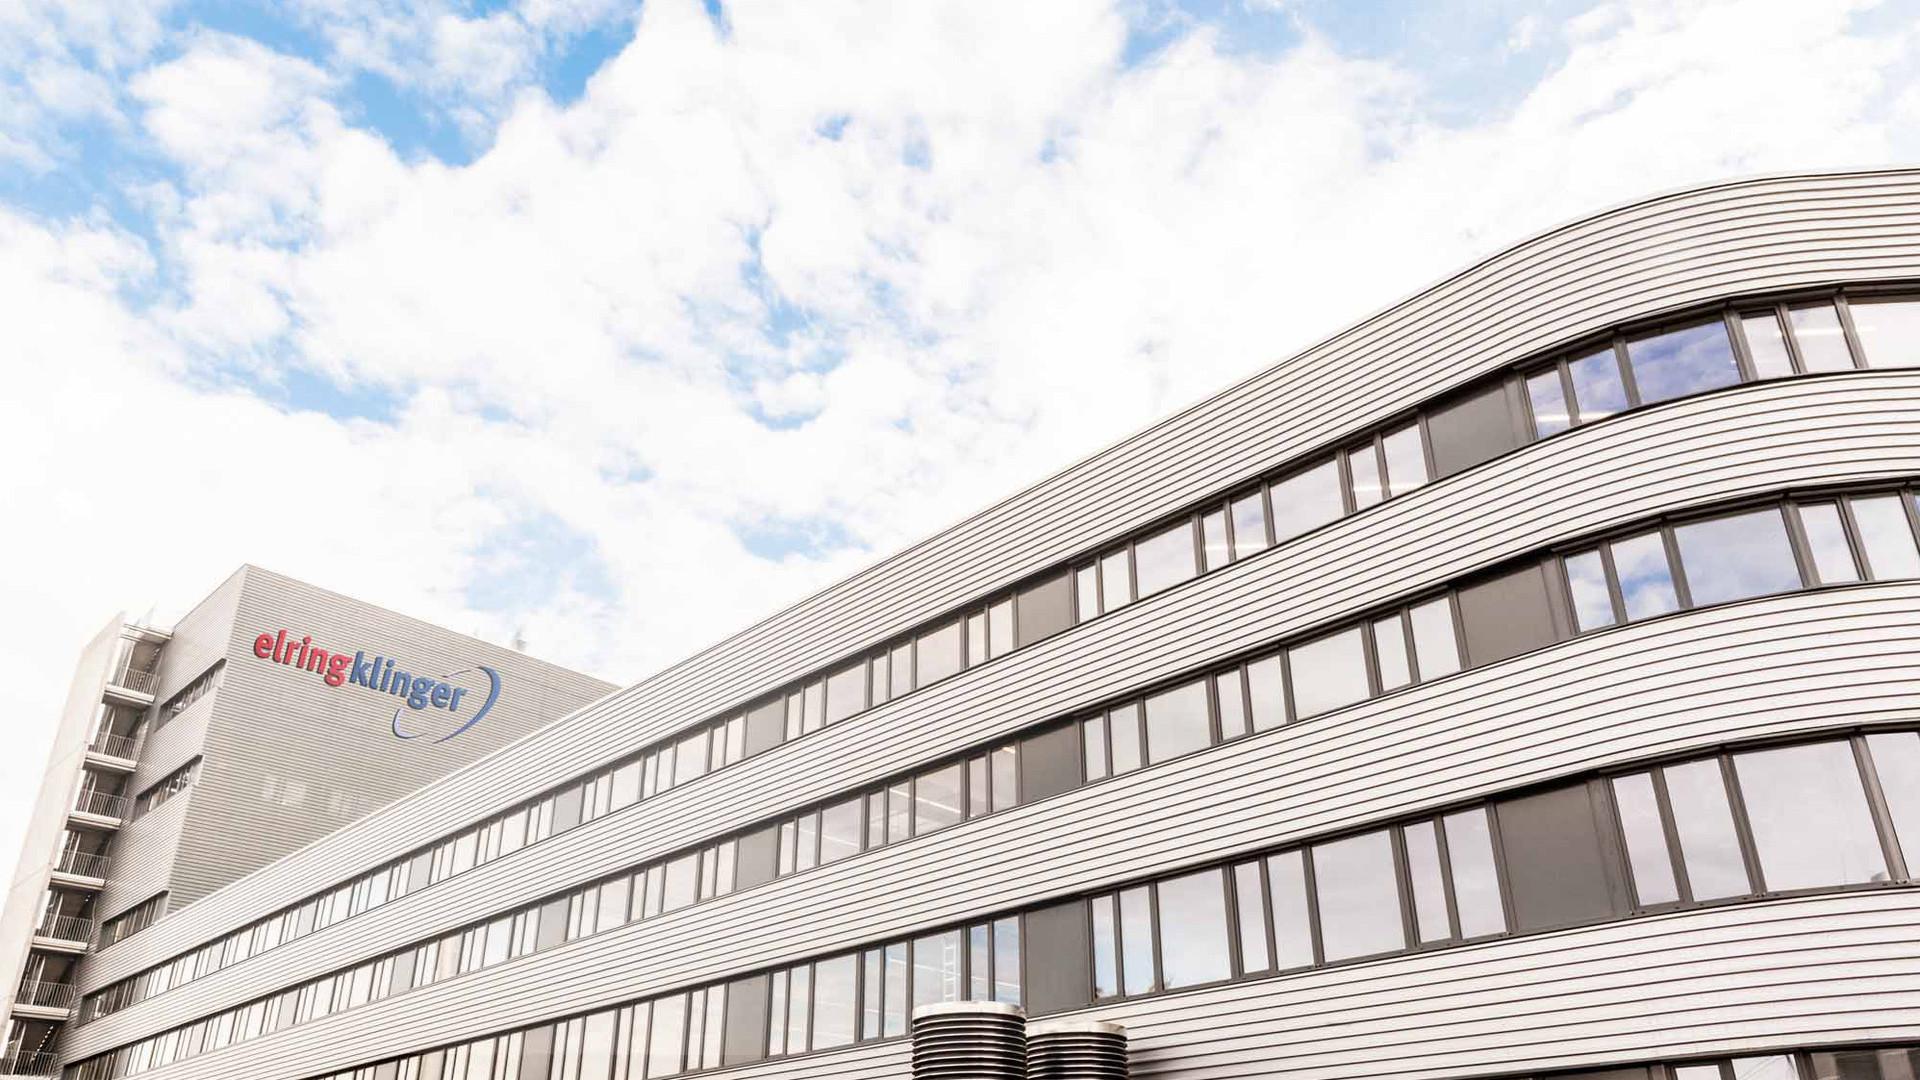 ElringKlinger Kunststofftechnik GmbH Bietigheim-Bissingen sede centrale